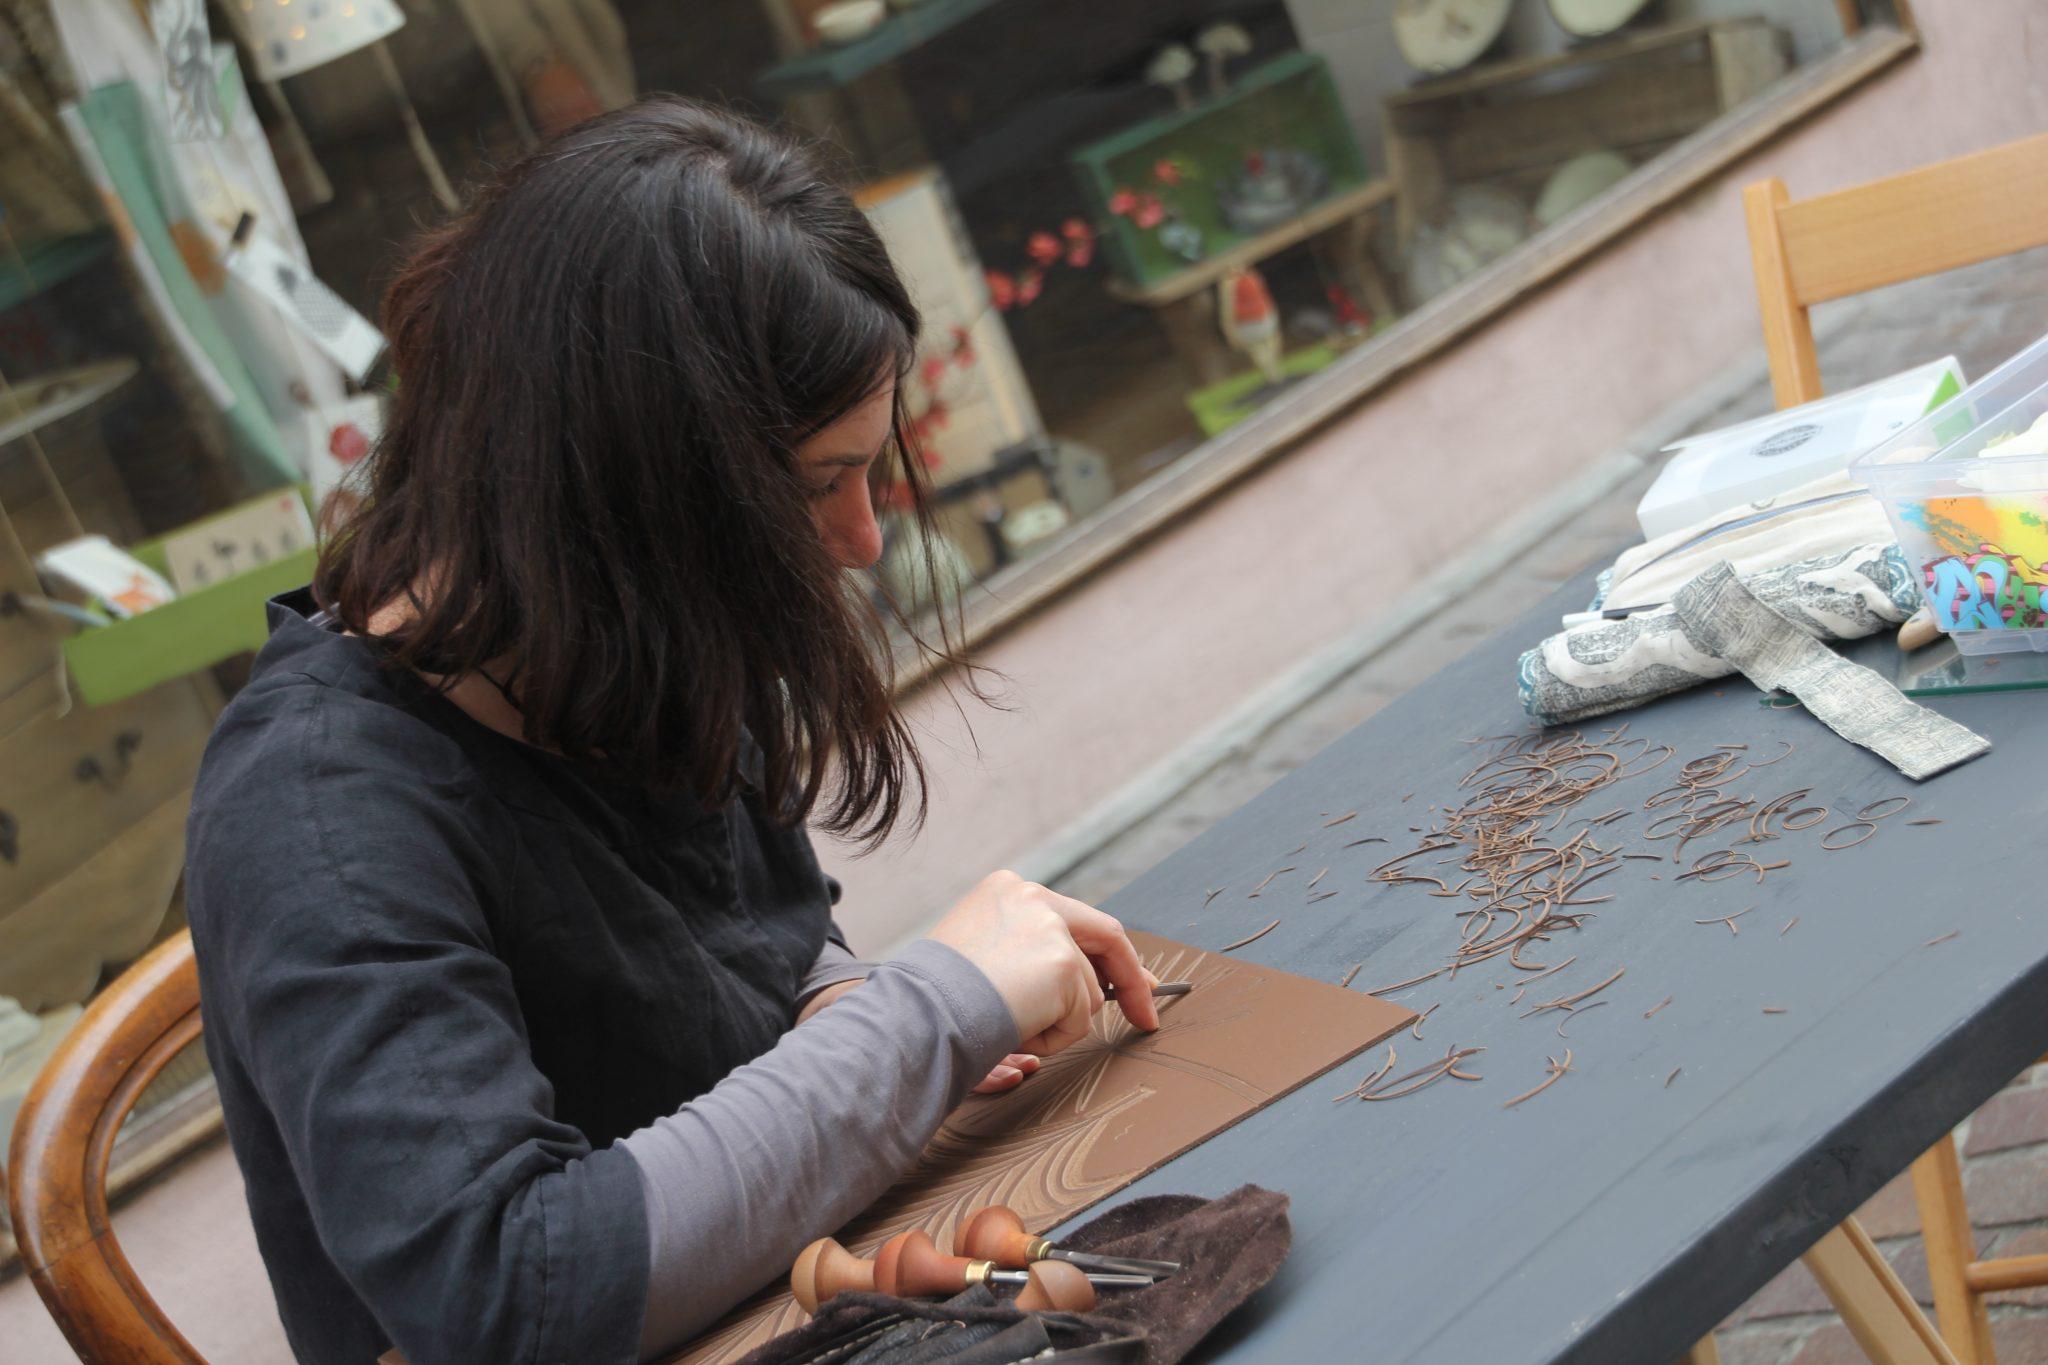 LinoLino, linogravure et créations | Journées des Métiers d'Art 2017, démonstration de gravure dans la rue, devant la galerie du Grillon